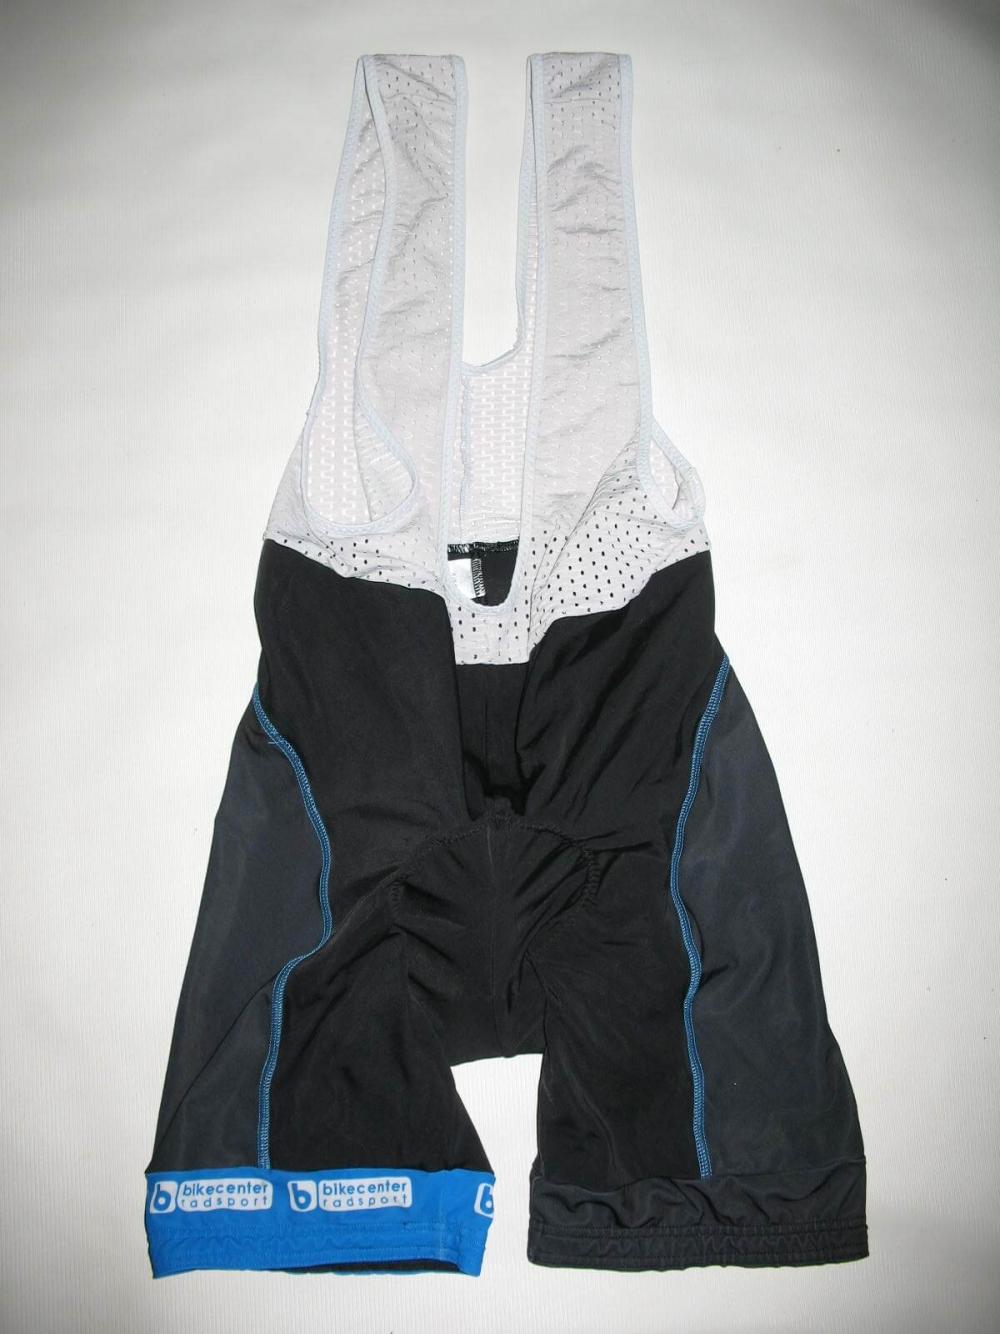 Веломайка+шорты NONAME -b- jersey+bib shorts (размер 4/M) - 4